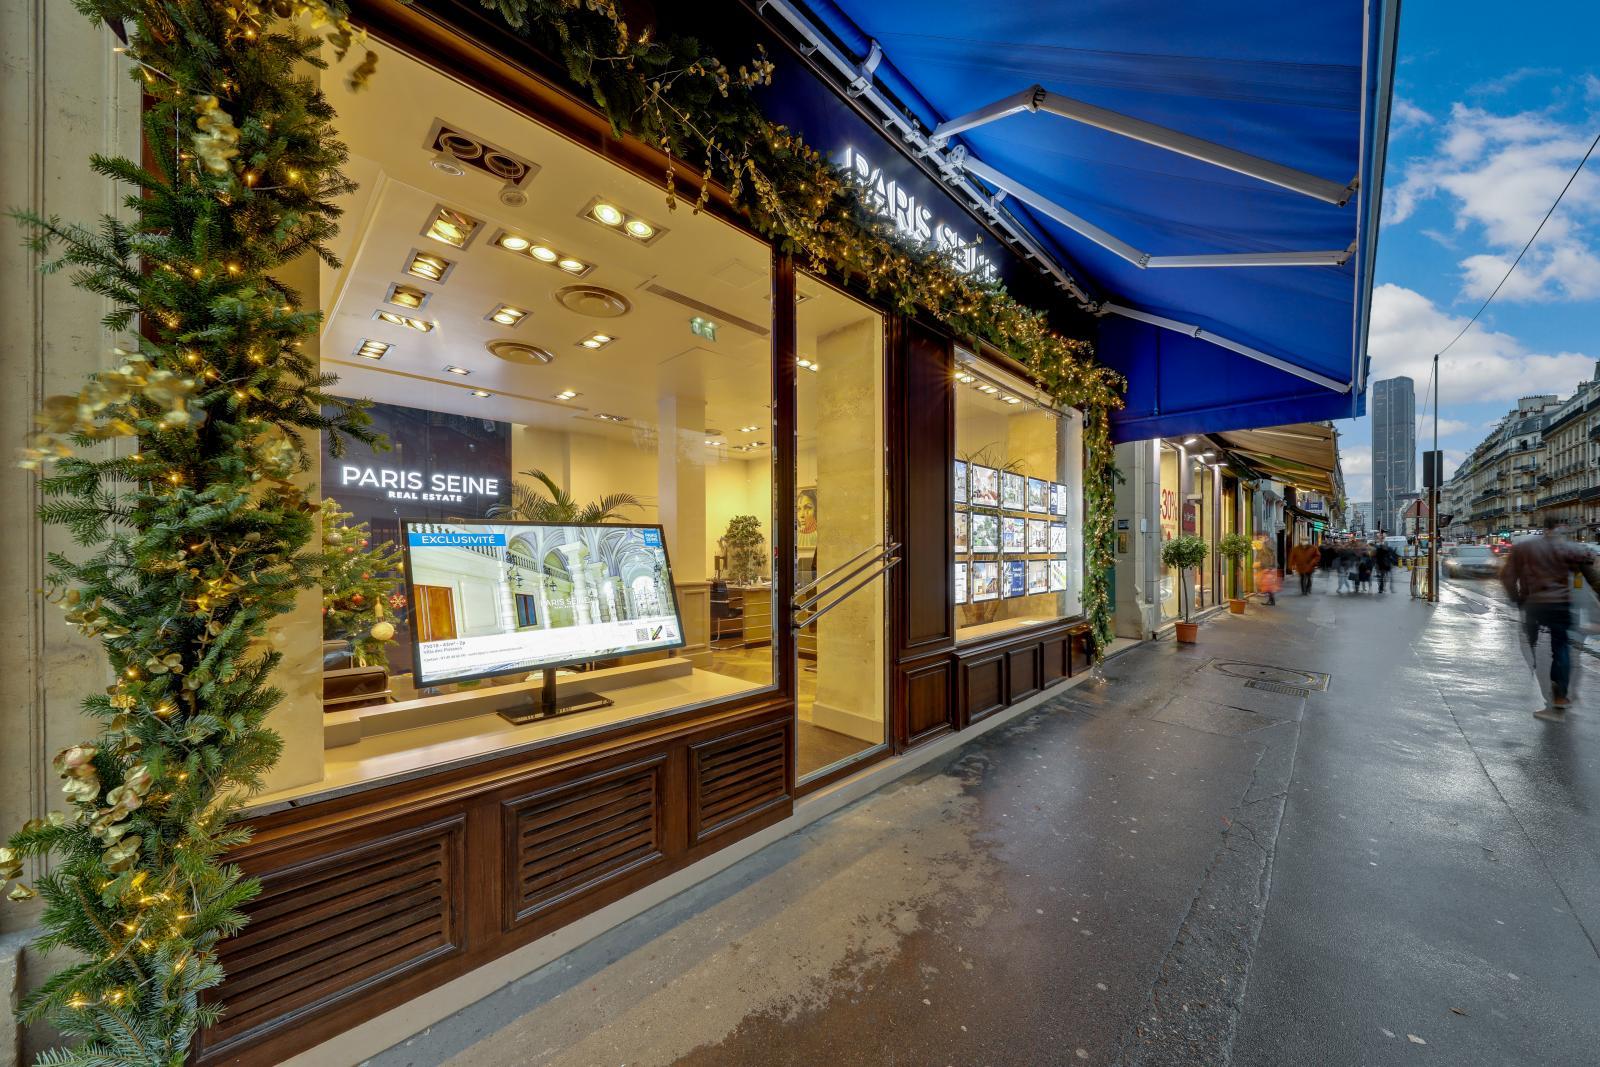 agence Paris Seine Immobilier - Rennes - Saint germain des prés